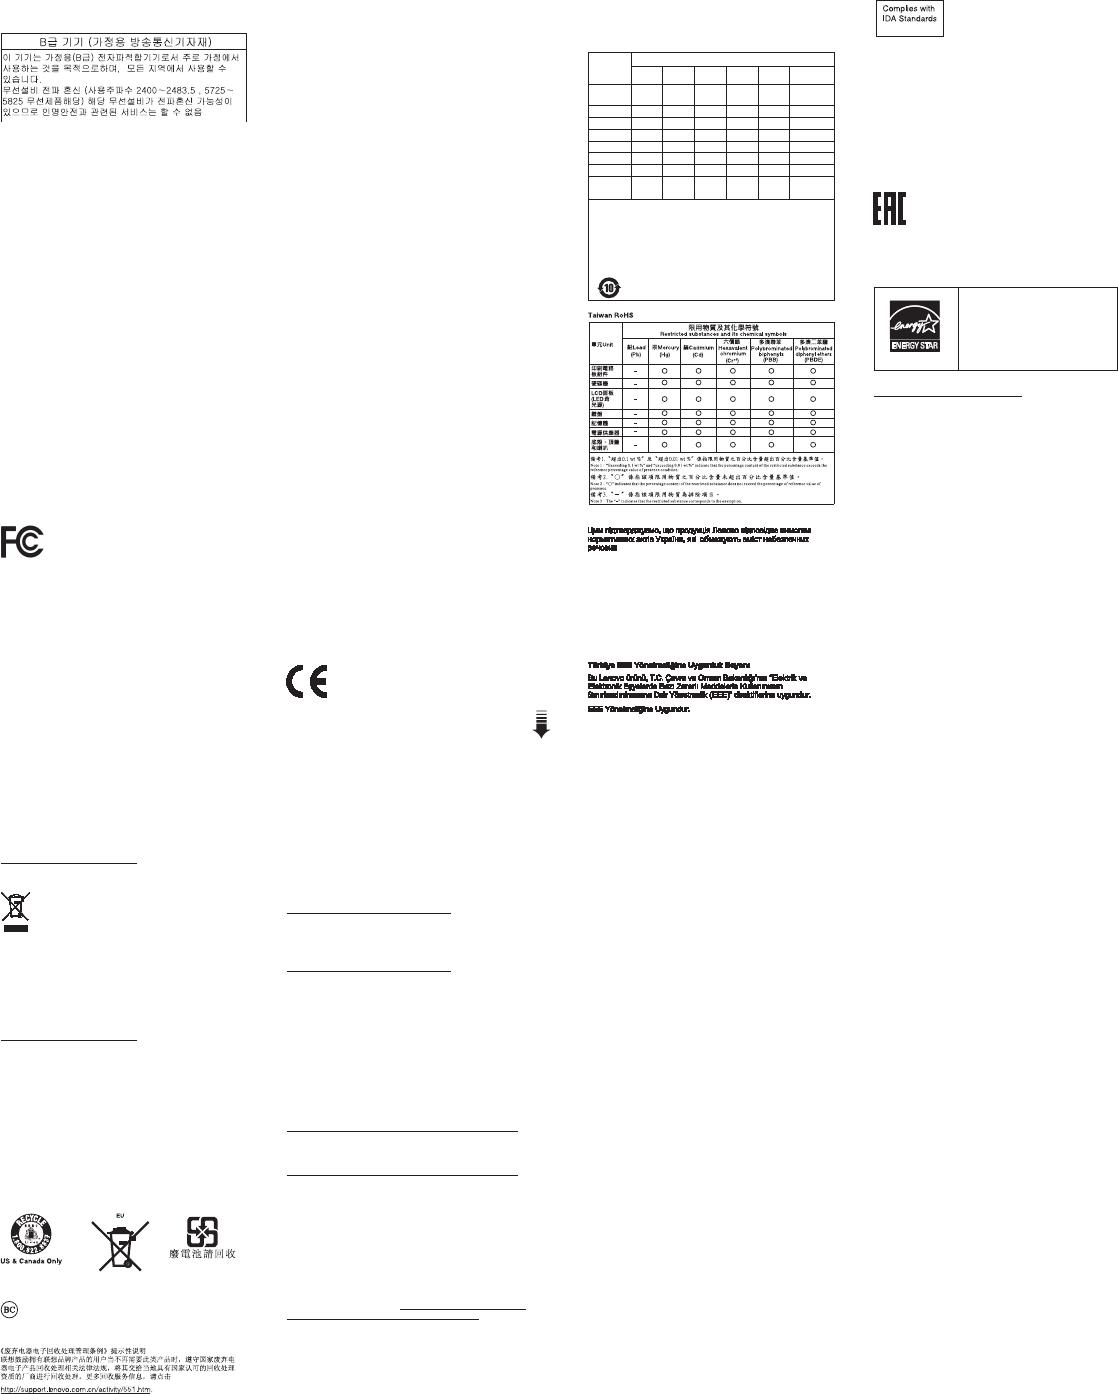 Lenovo 720S 13Ikb 720Stouch Swsg Ko 201707 User Manual